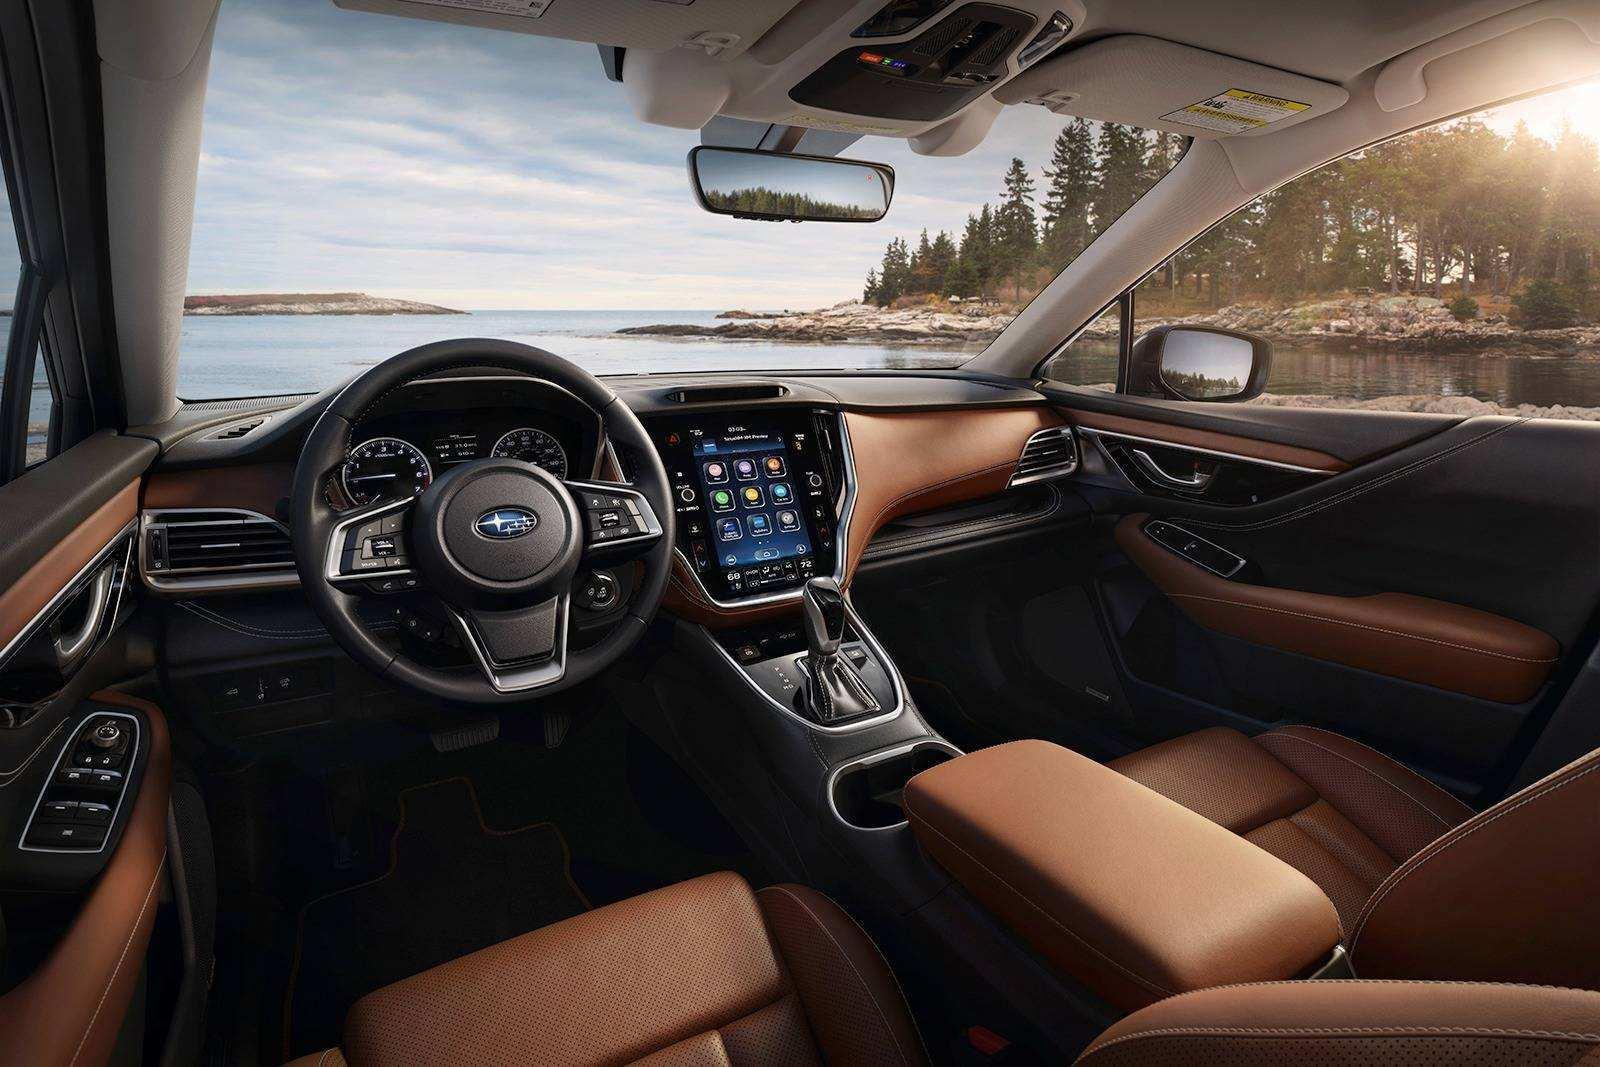 84 New Subaru Outback 2020 Exterior by Subaru Outback 2020